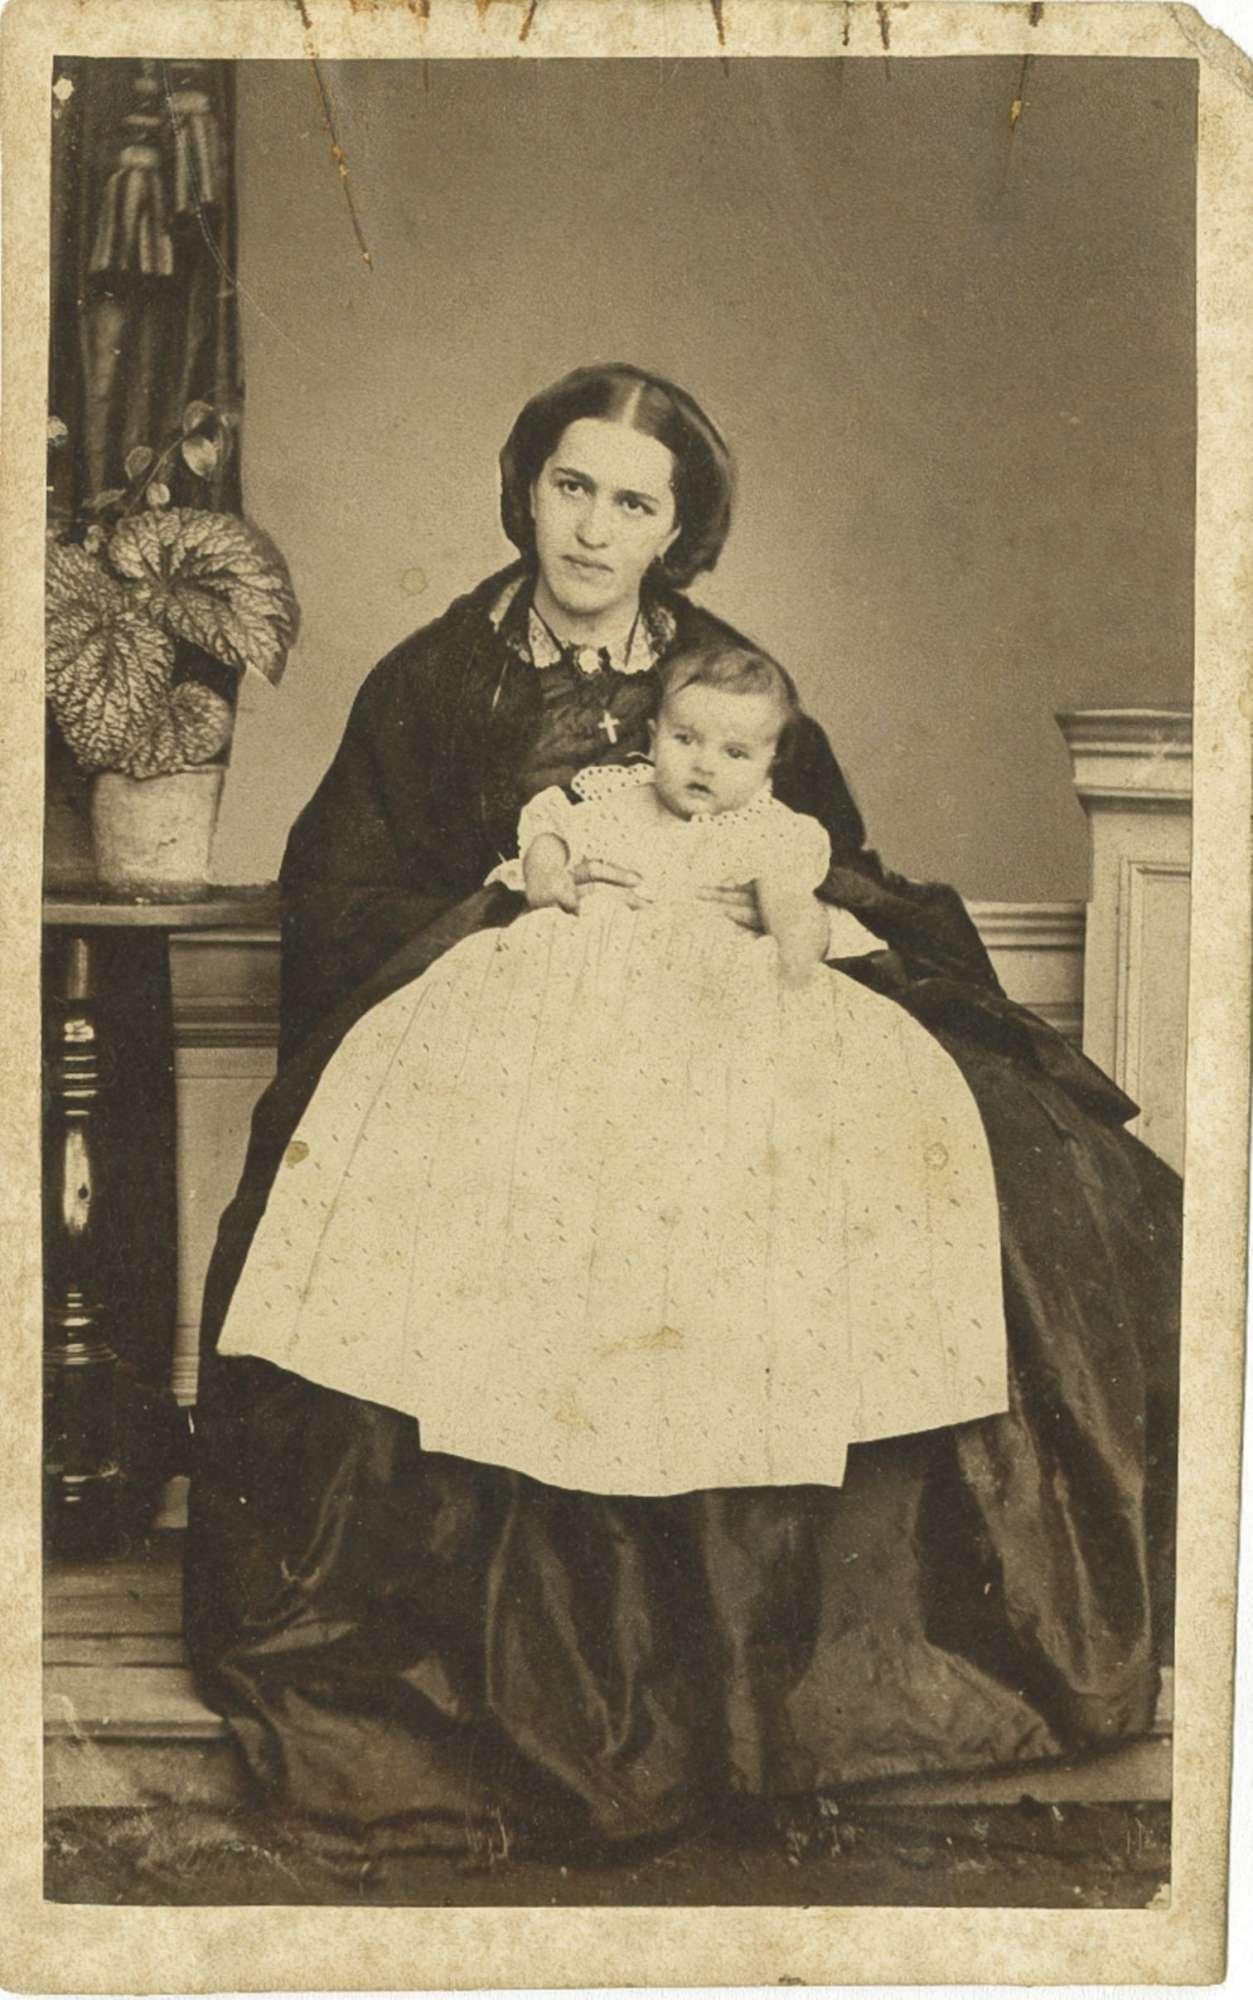 Pauline von Kirbach, geb. Herzogin von Württemberg mit Kind, Bild 1